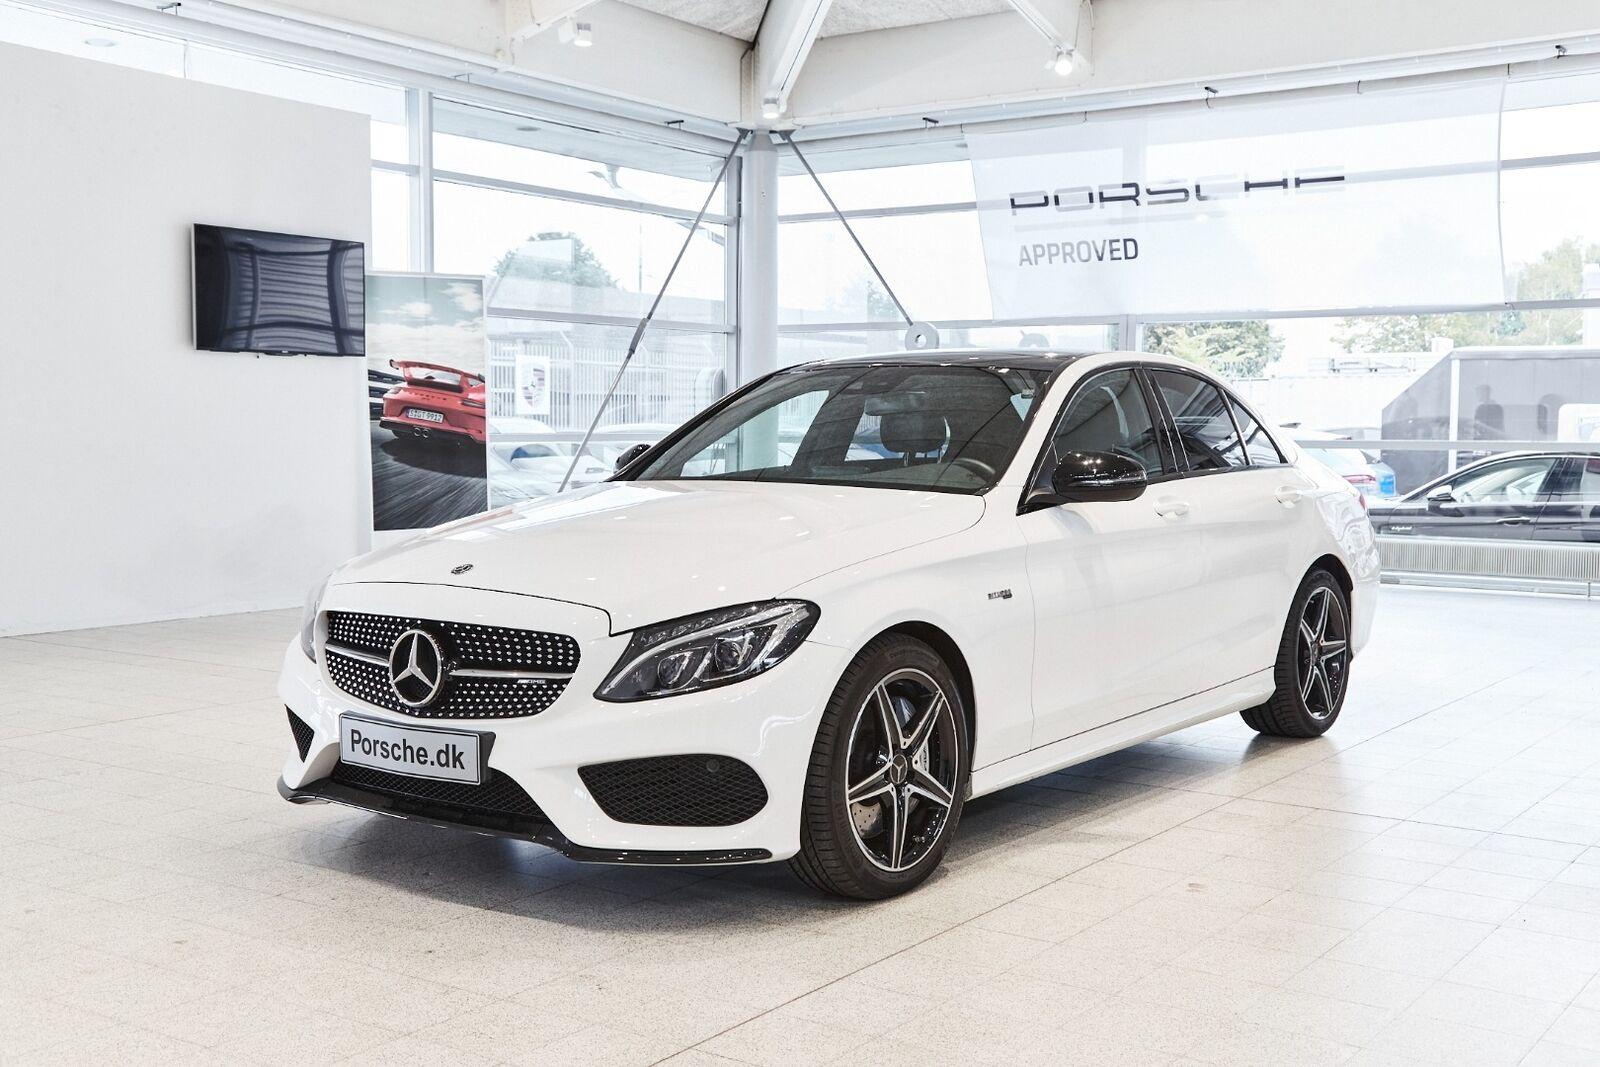 Mercedes C43 3,0 AMG aut. 4Matic 4d - 645.000 kr.